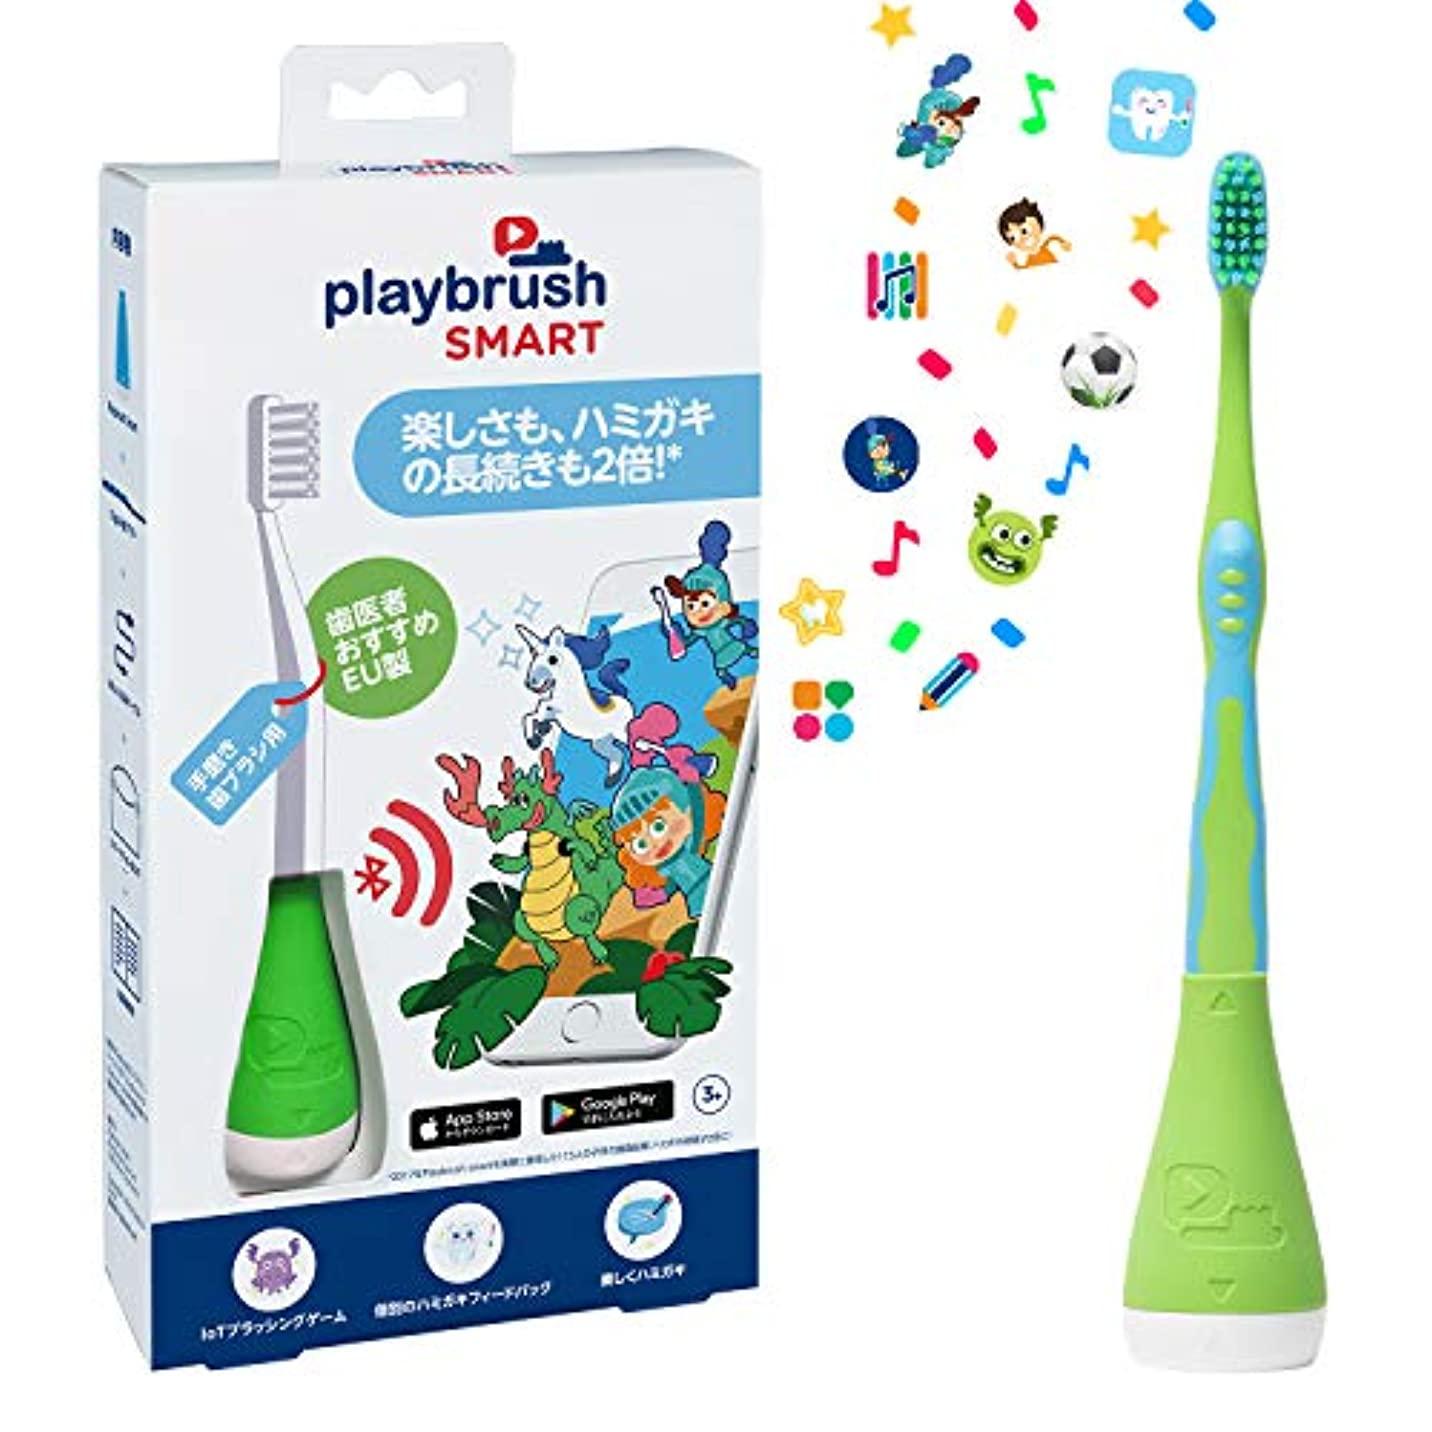 クリケット光電小道【ヨーロッパで開発されたゲームができる子供用歯ブラシ】プレイブラッシュ スマート グリーン◇ 普段の歯ブラシに取り付けるだけ◇ Playbrush Smart Green